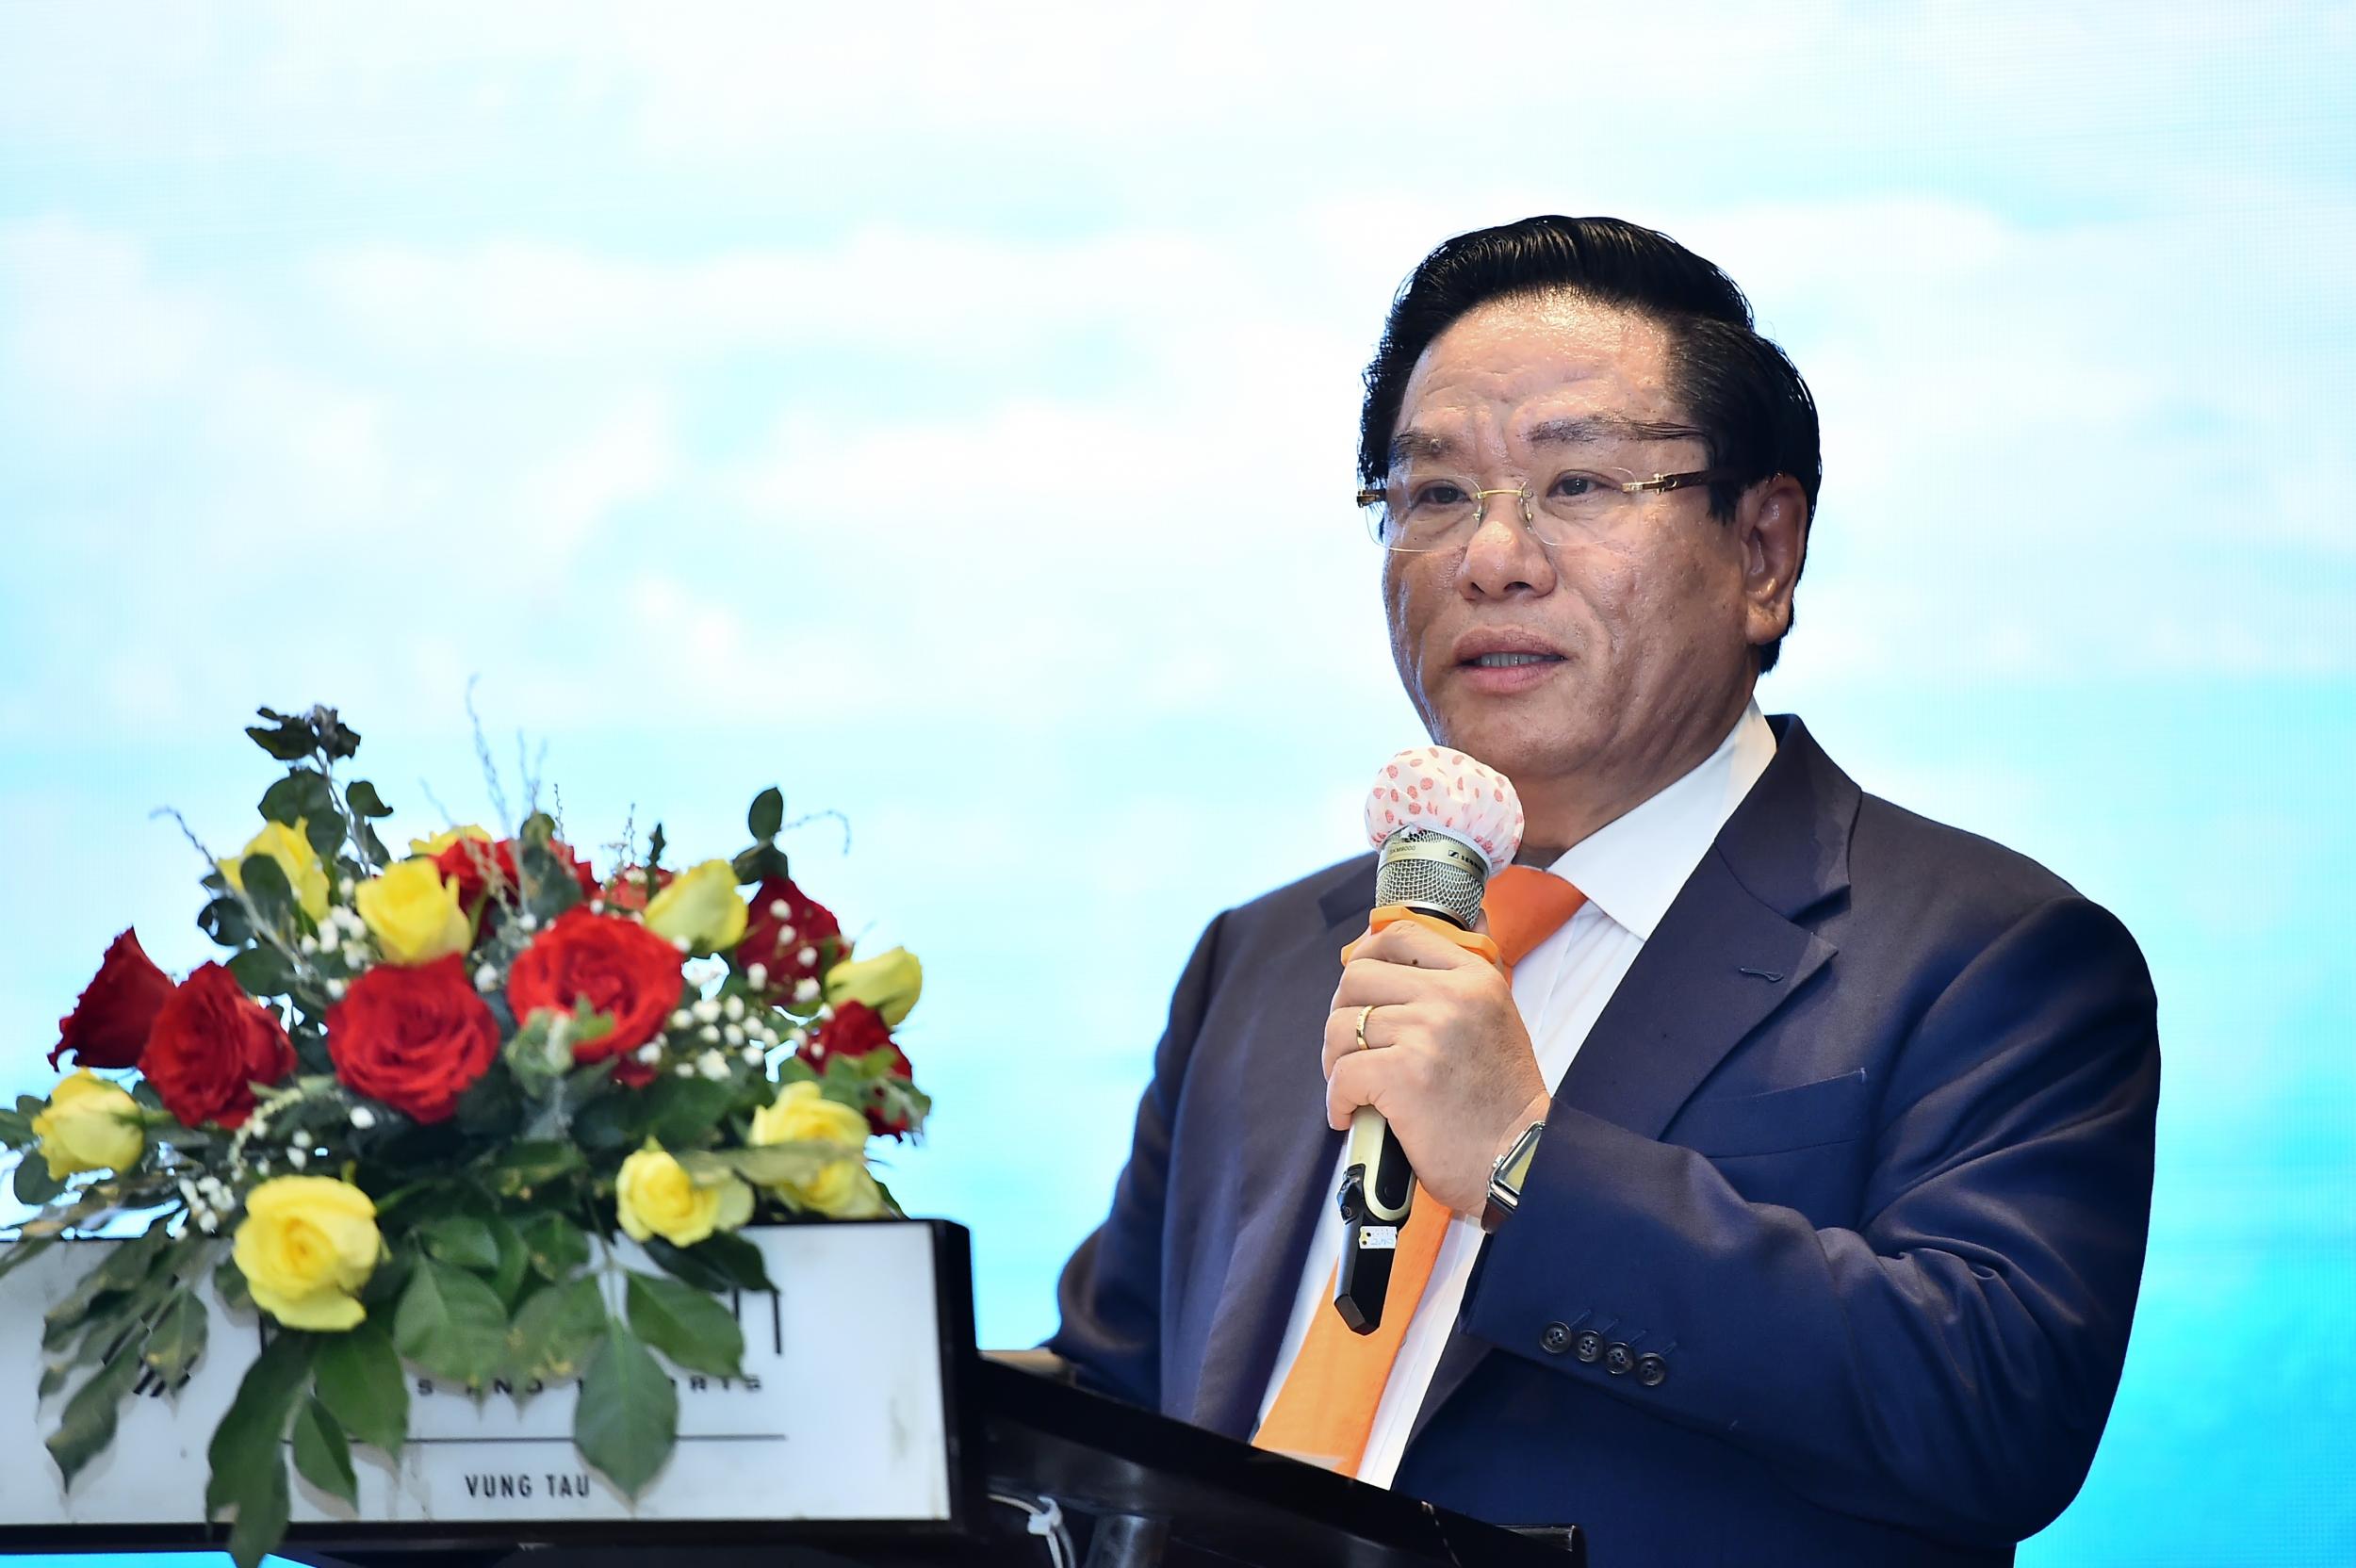 TS. Ngô Hữu Hải - Tổng Giám đốc BIENDONG POC phát biểu bế mạc Hội nghị